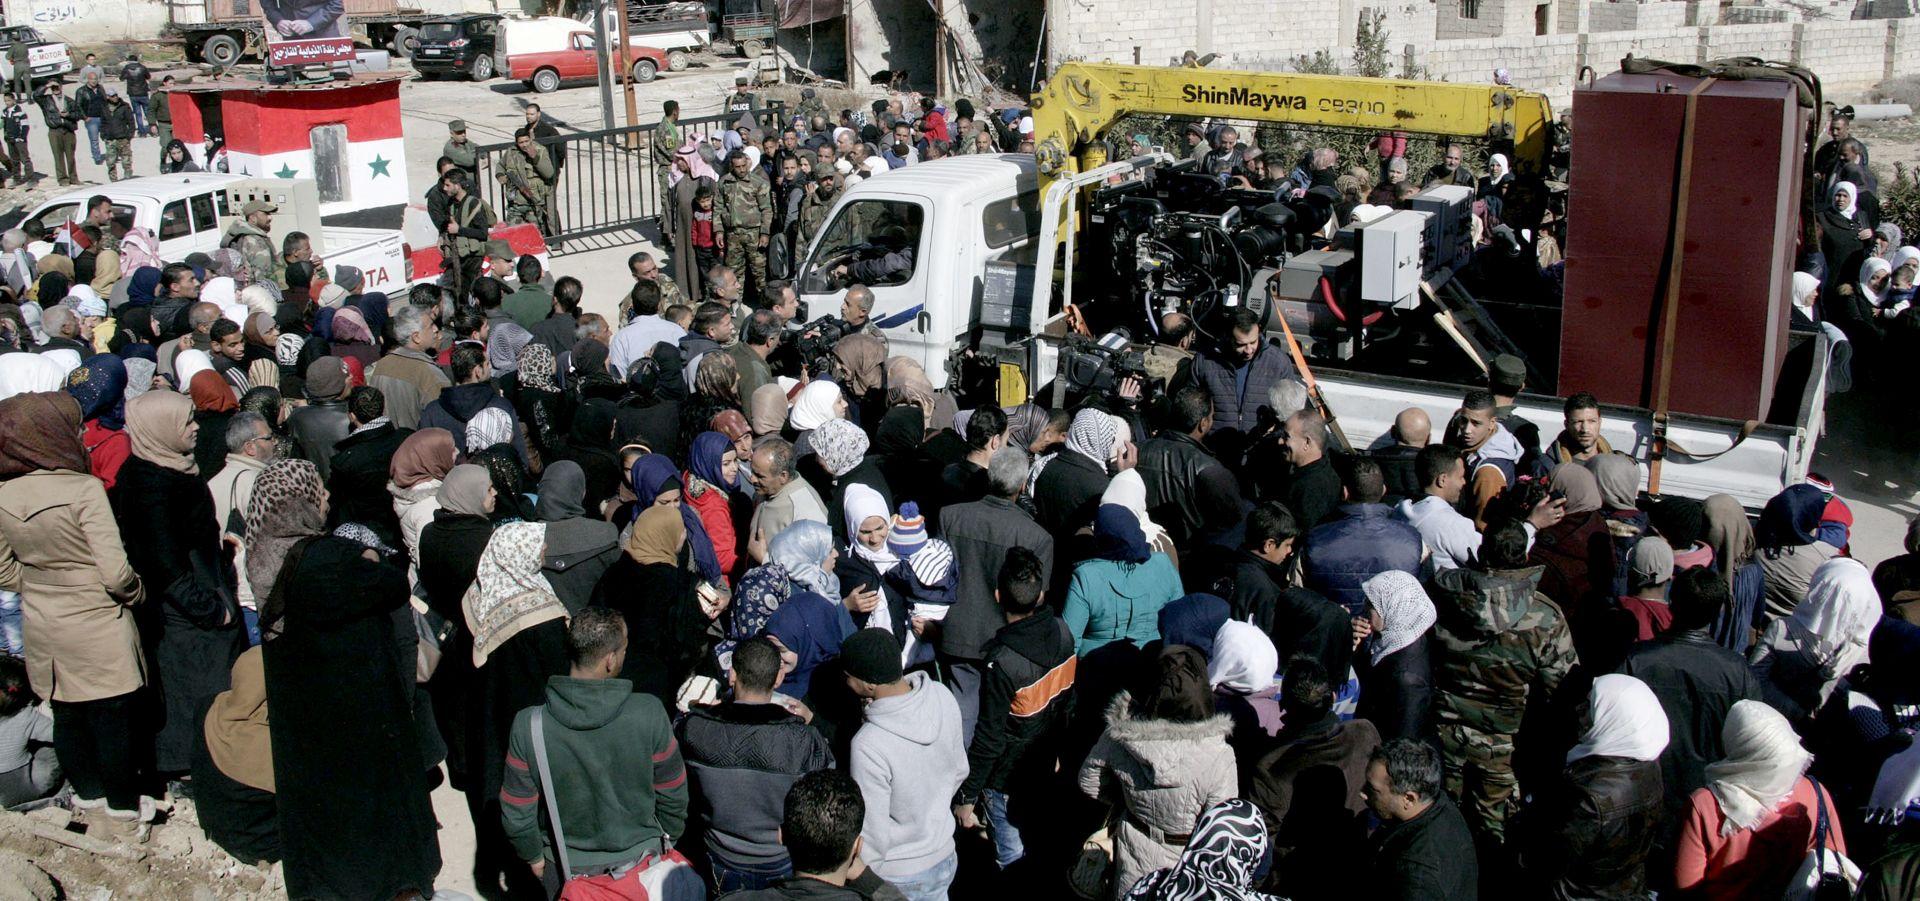 SIRIJA Stanje kaotično, UN pokušava pokrenuti mirovne pregovore